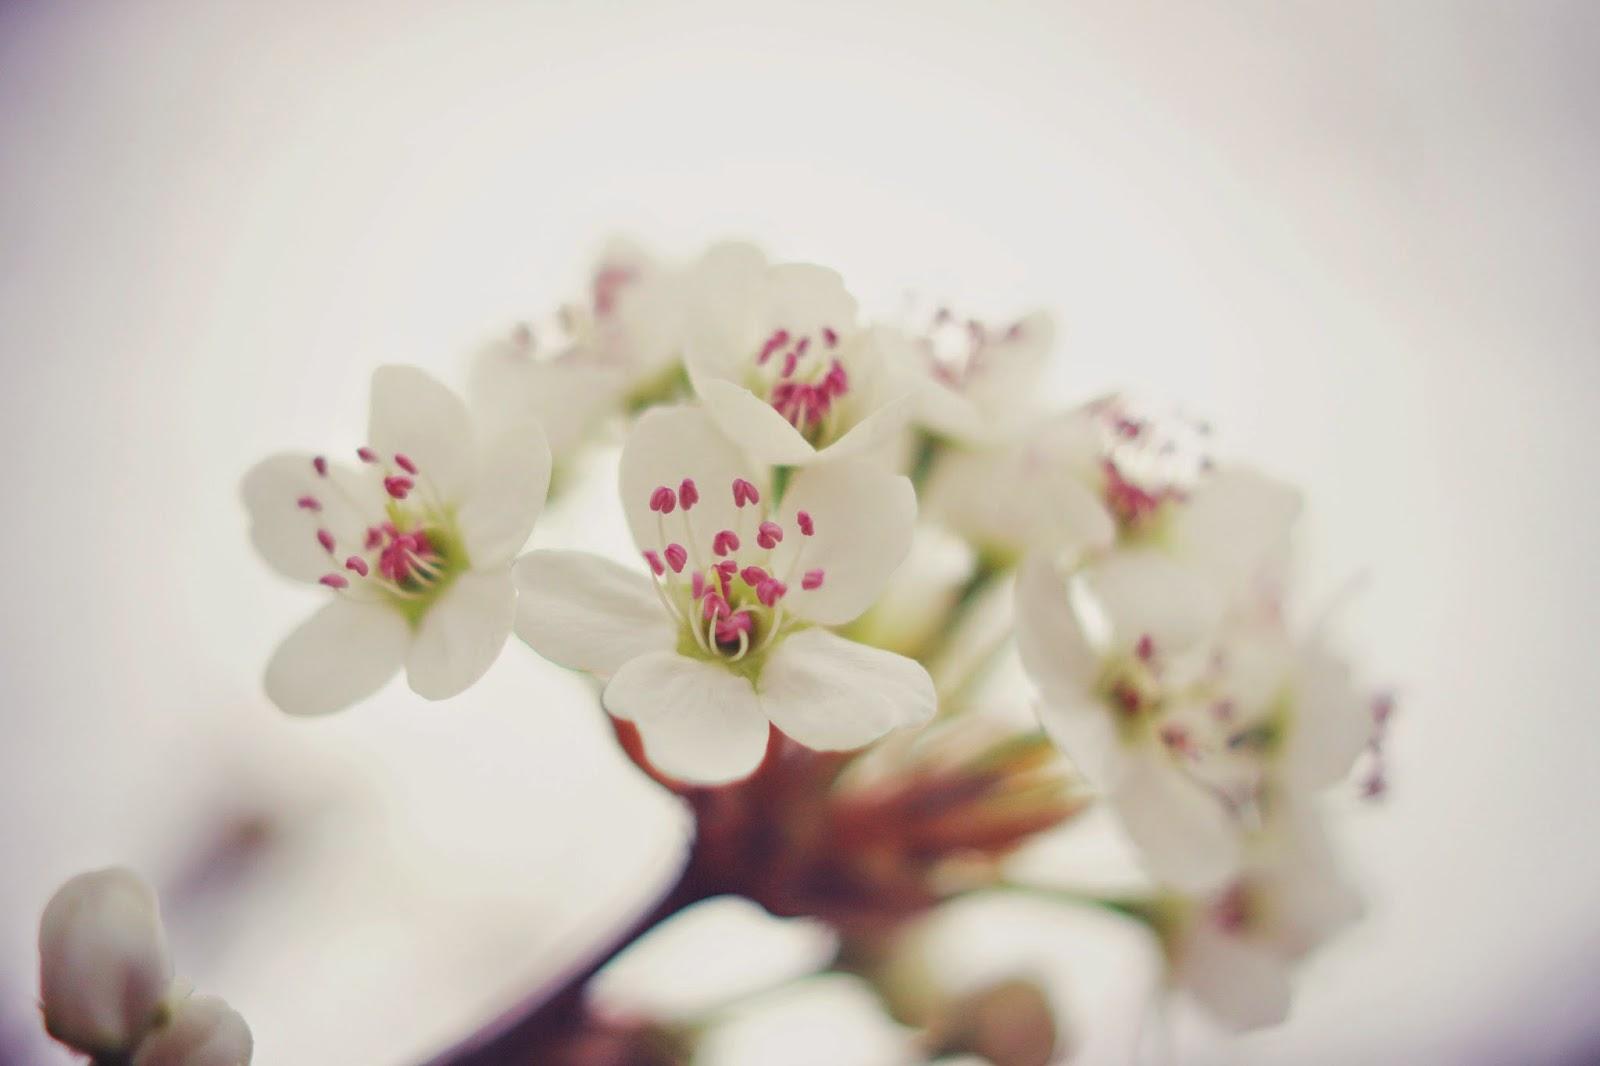 spring_blossom_Bradford_Pear_Tree